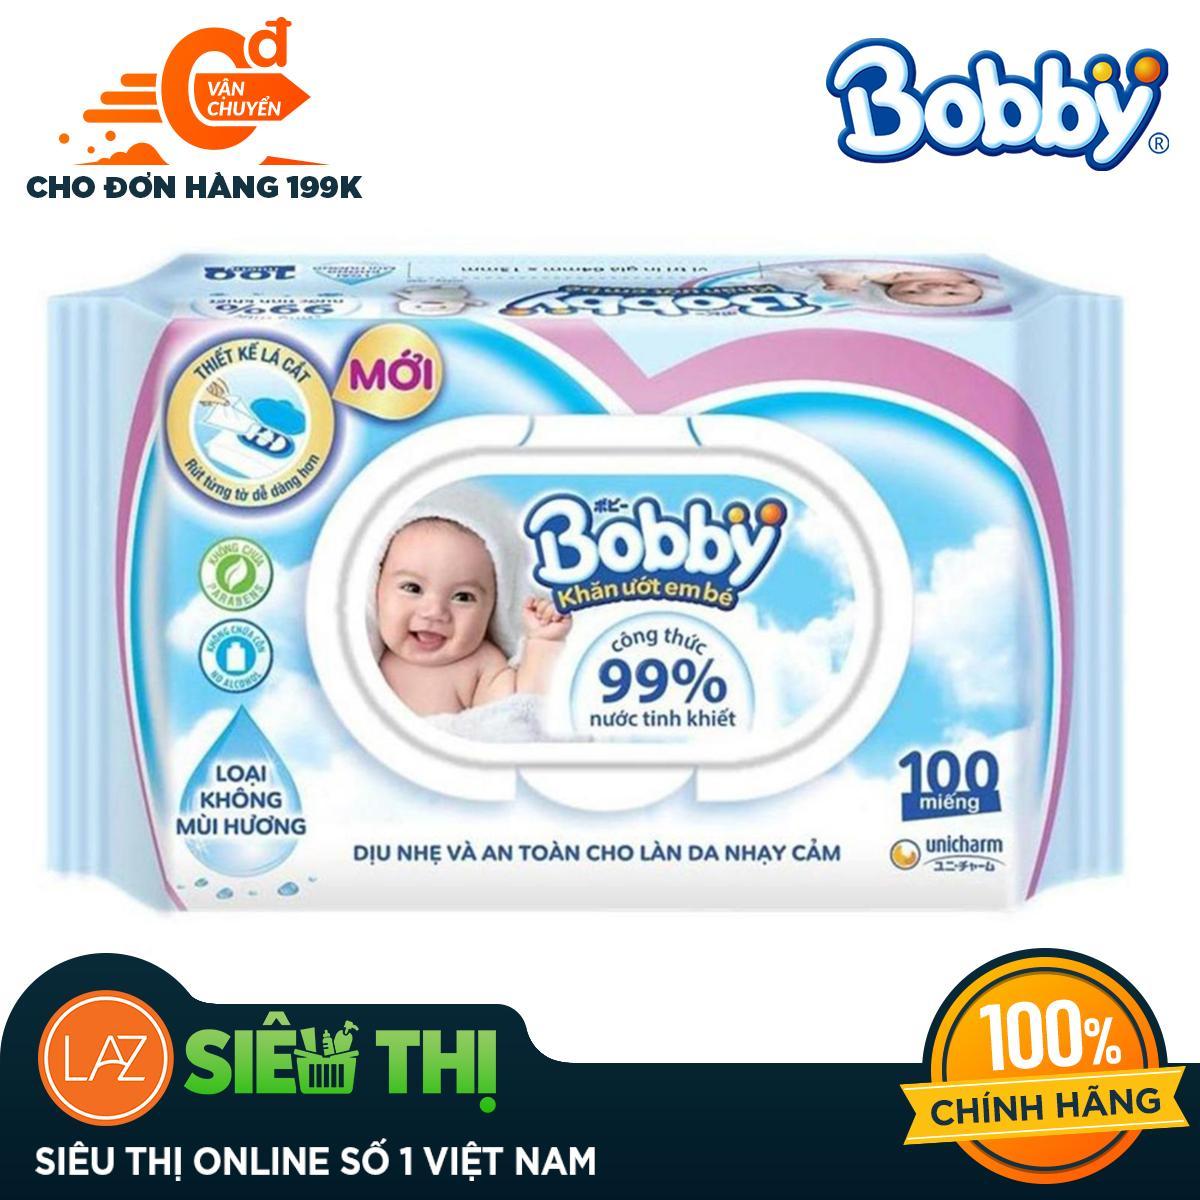 [Siêu thị Lazada] - Khăn ướt trẻ em Bobby Care không mùi hương gói 100 miếng